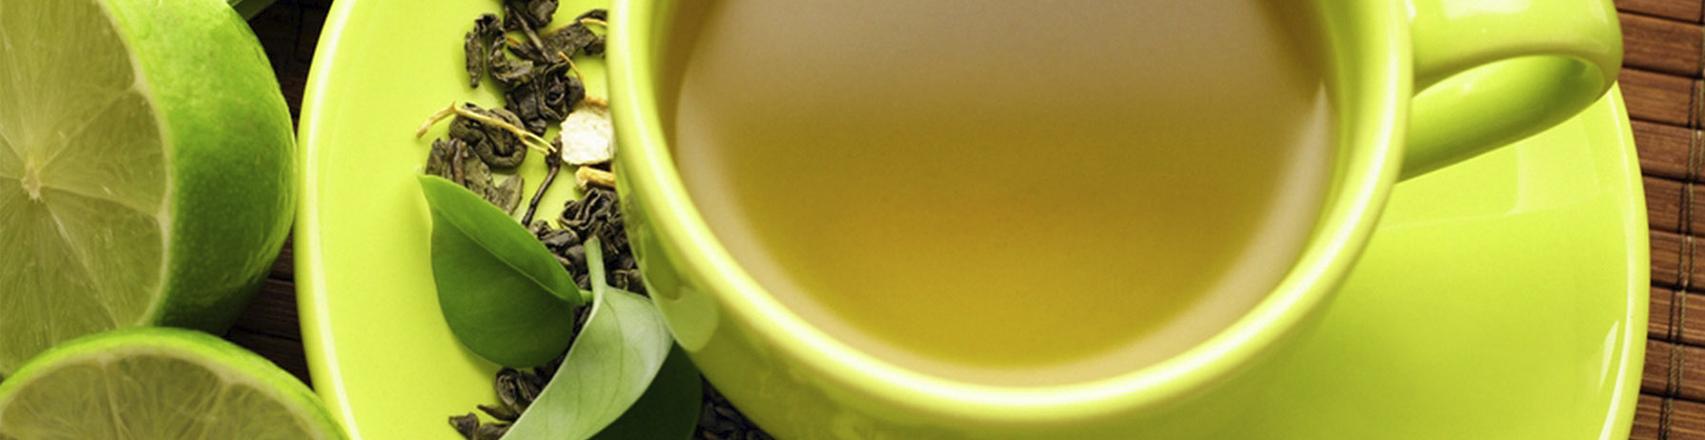 Купить зеленый чай в Москве